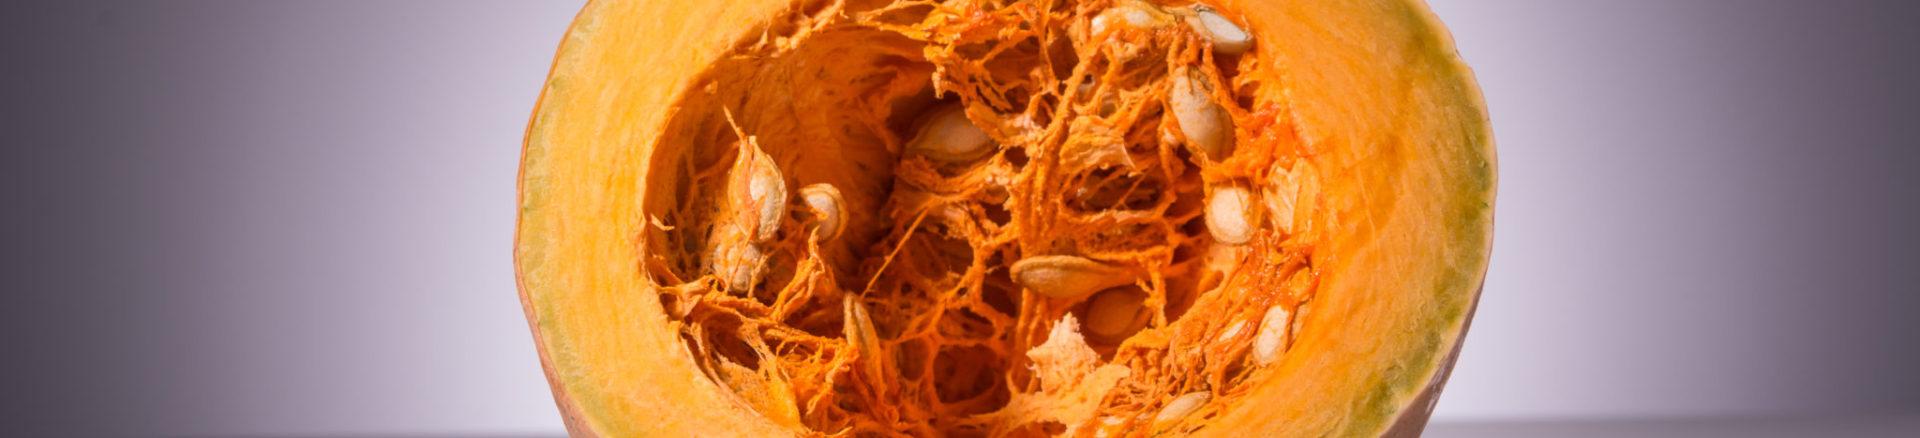 Kürbis Kürbishof Kürbiskernöl Speisekürbis Zierkürbisse Kürbiskernpesto Fruchtaufstrich Rapsöl Erdäpfel Vogelfutter Bio Metz Landwirt Kürbishofladen Mostviertel Haag Amstetten